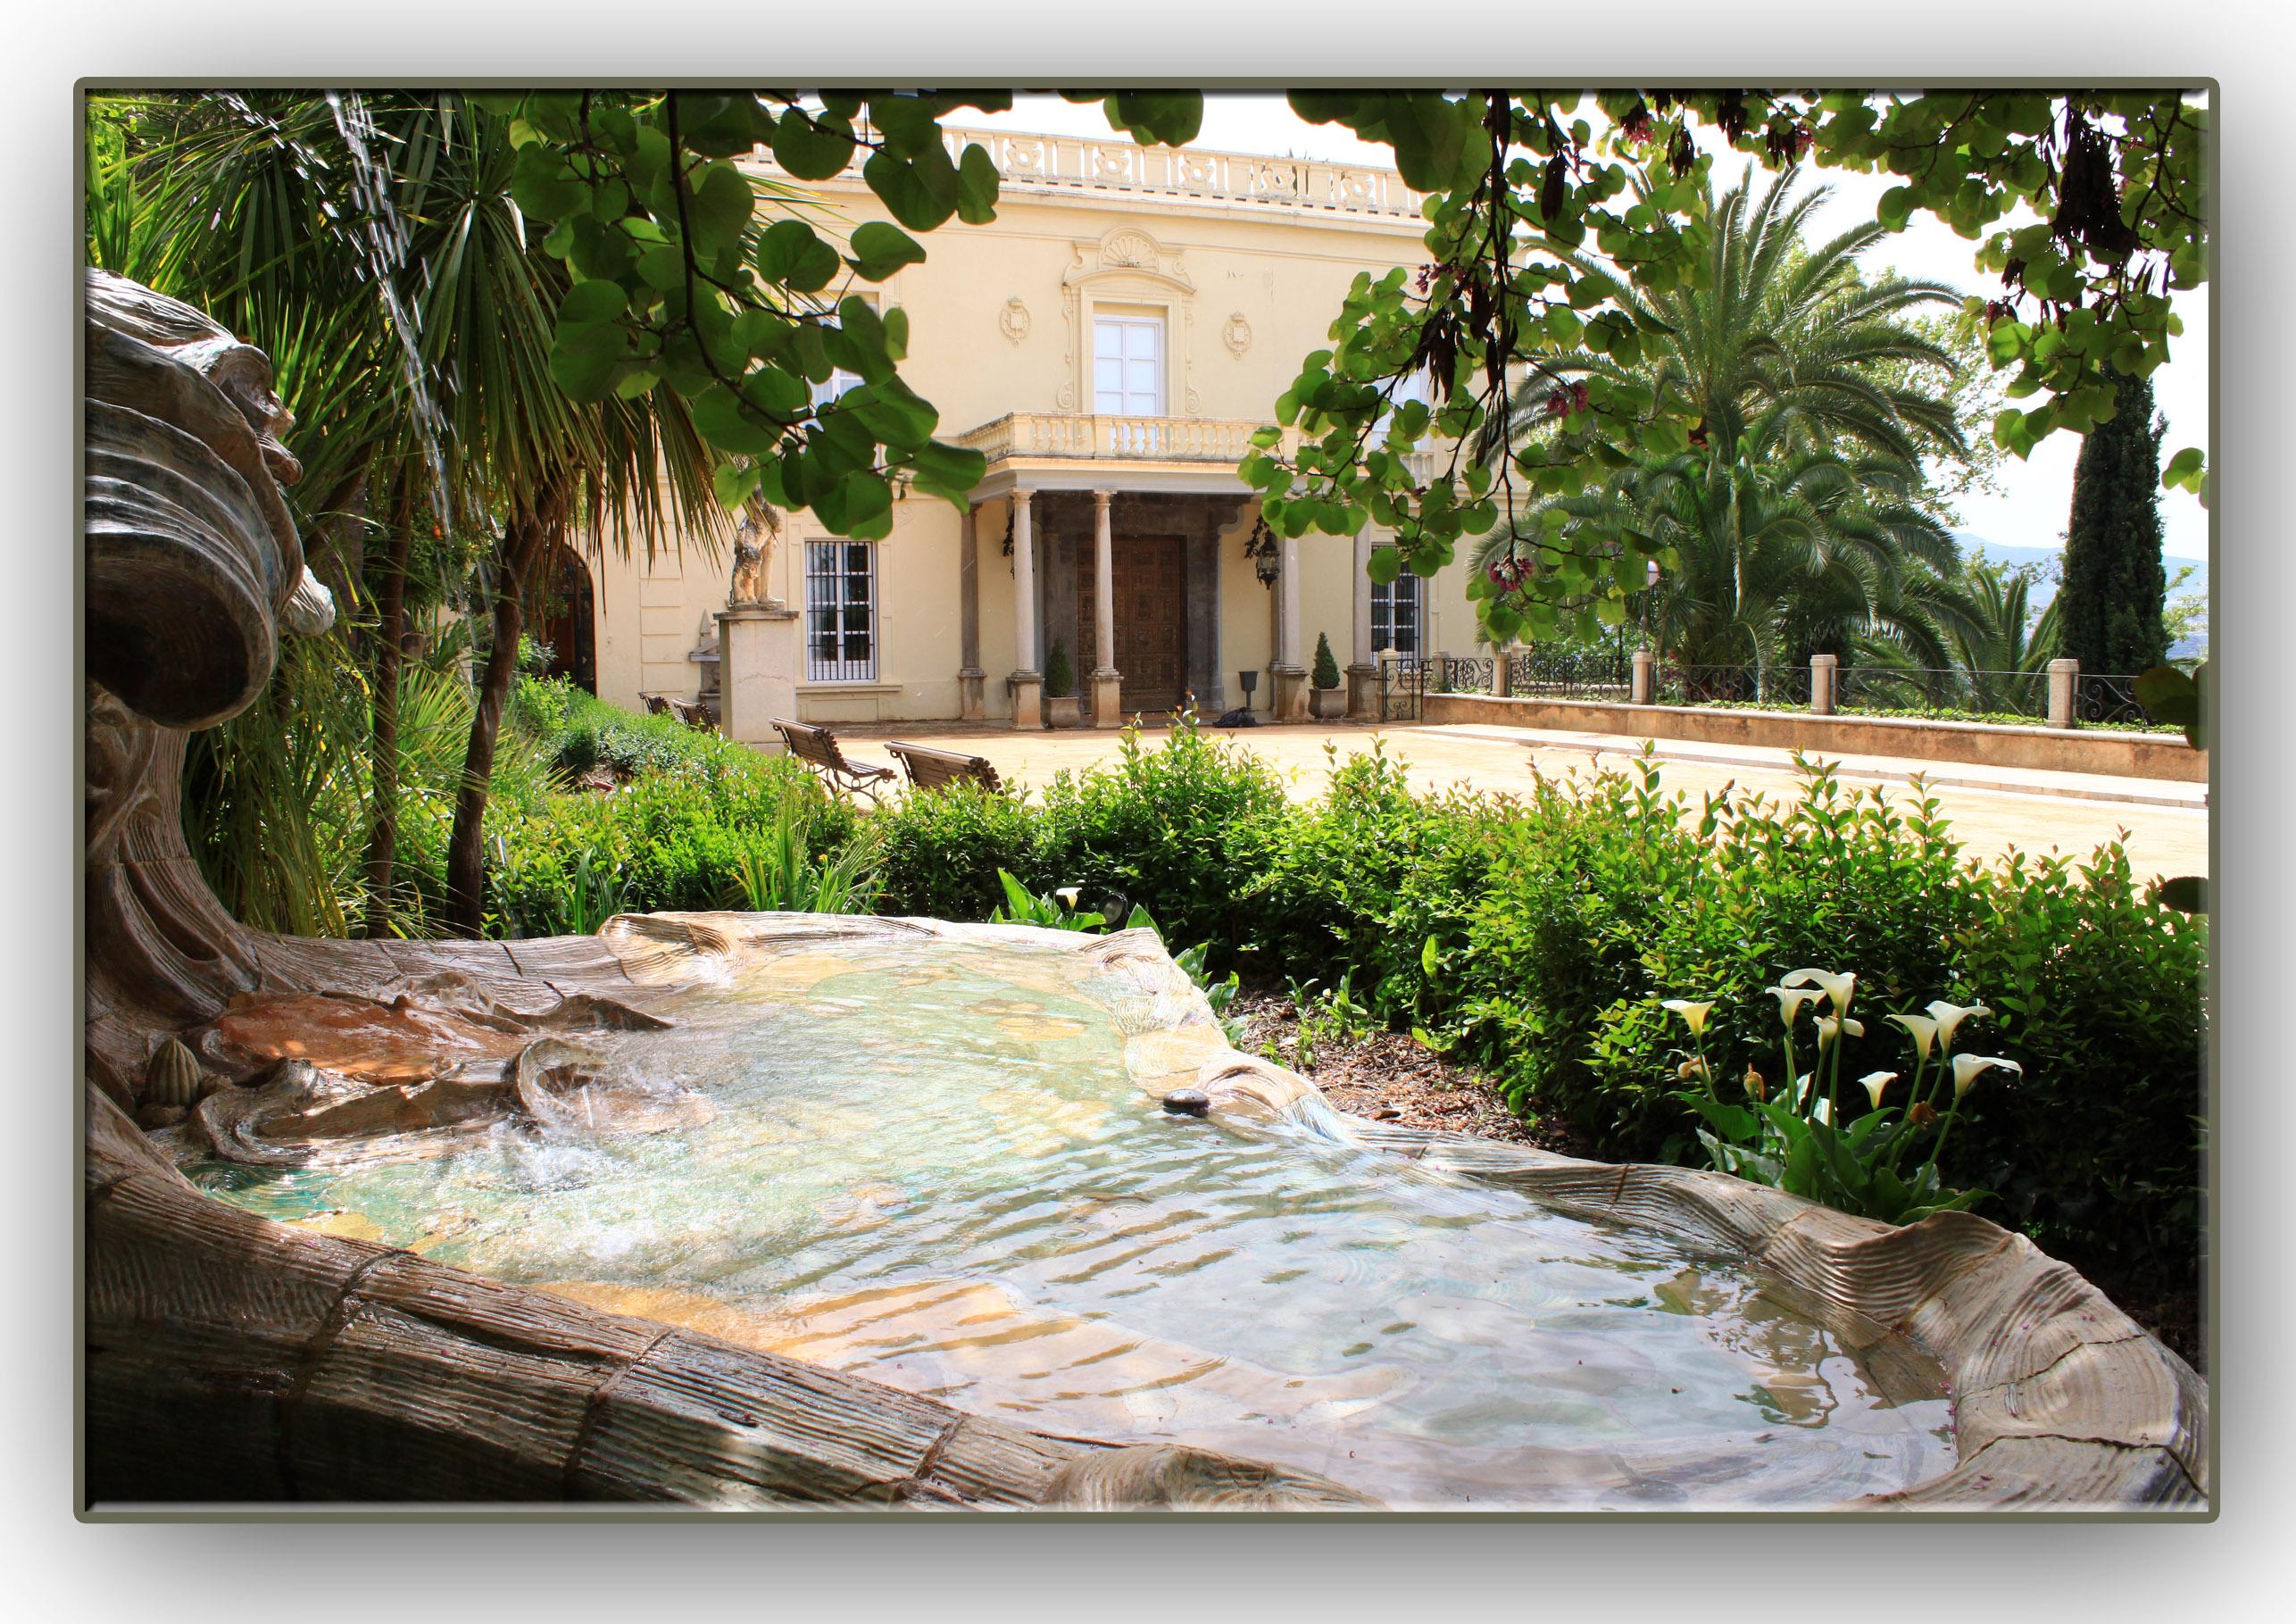 El carmen de los m rtires jard n paradis aco junto a la alhambra - Residencia los jardines granada ...